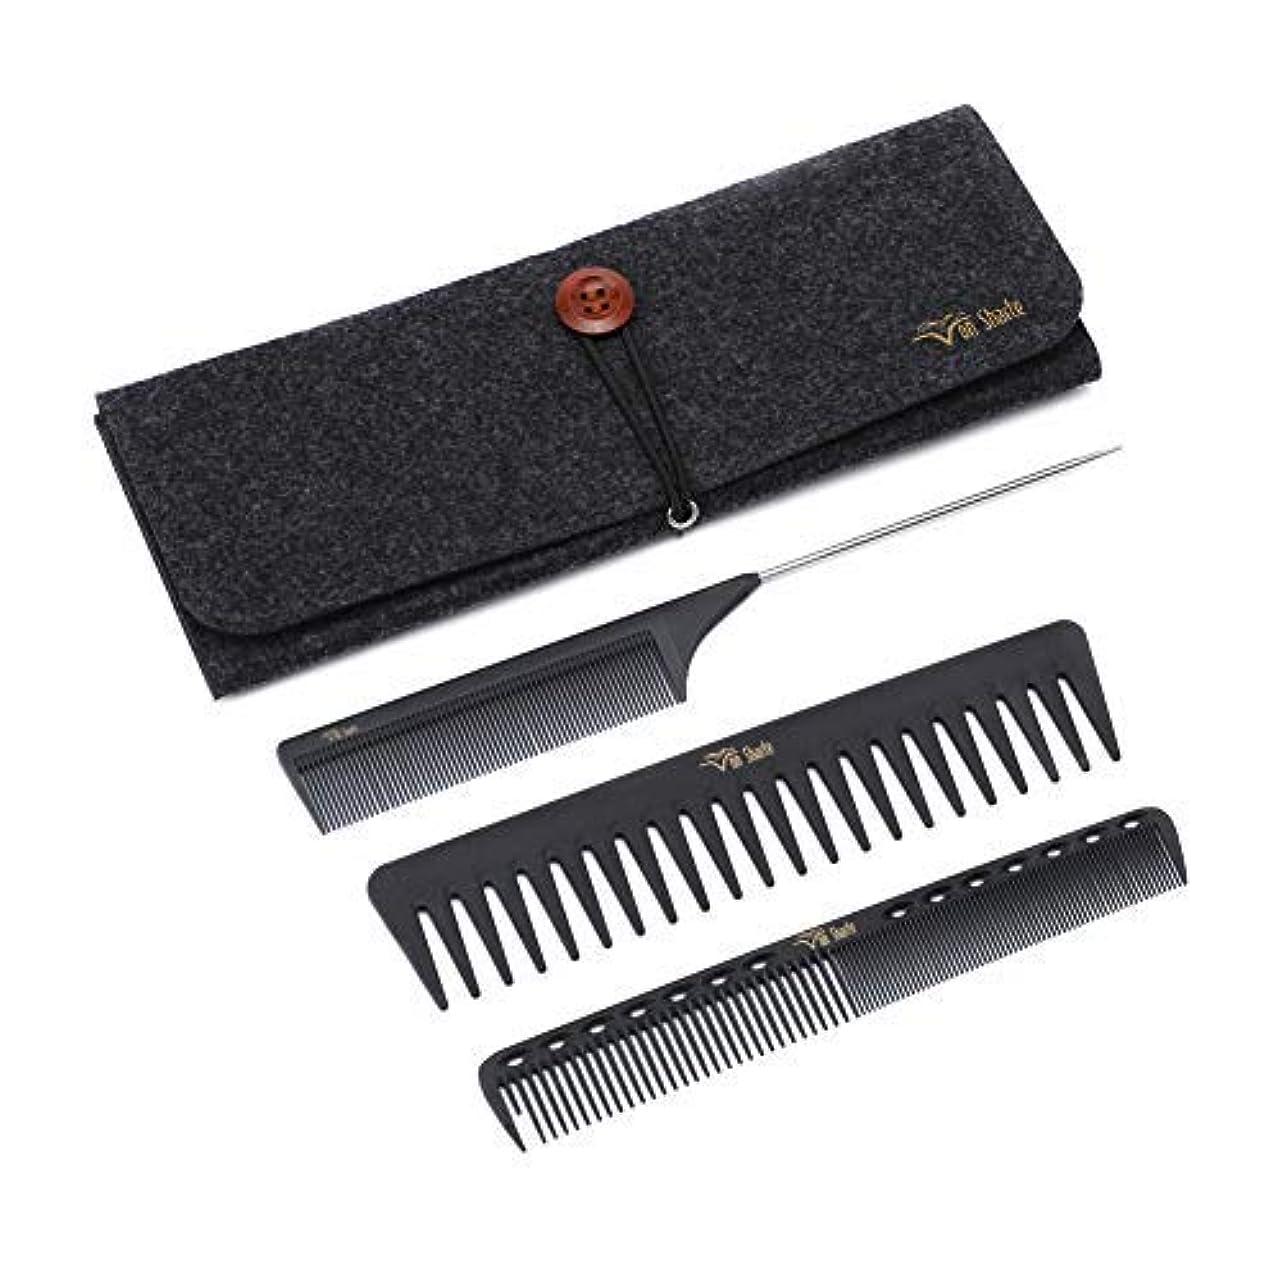 自己熟達不従順Styling Comb Set,Hairdresser Barber Comb Cutting Hair Comb Carbon Fiber Wide Tooth Comb Metal Rat Pin Tail Comb Salon 100% Anti Static 230℃ Heat Resistant(Styling Comb Set C932Z02B) [並行輸入品]